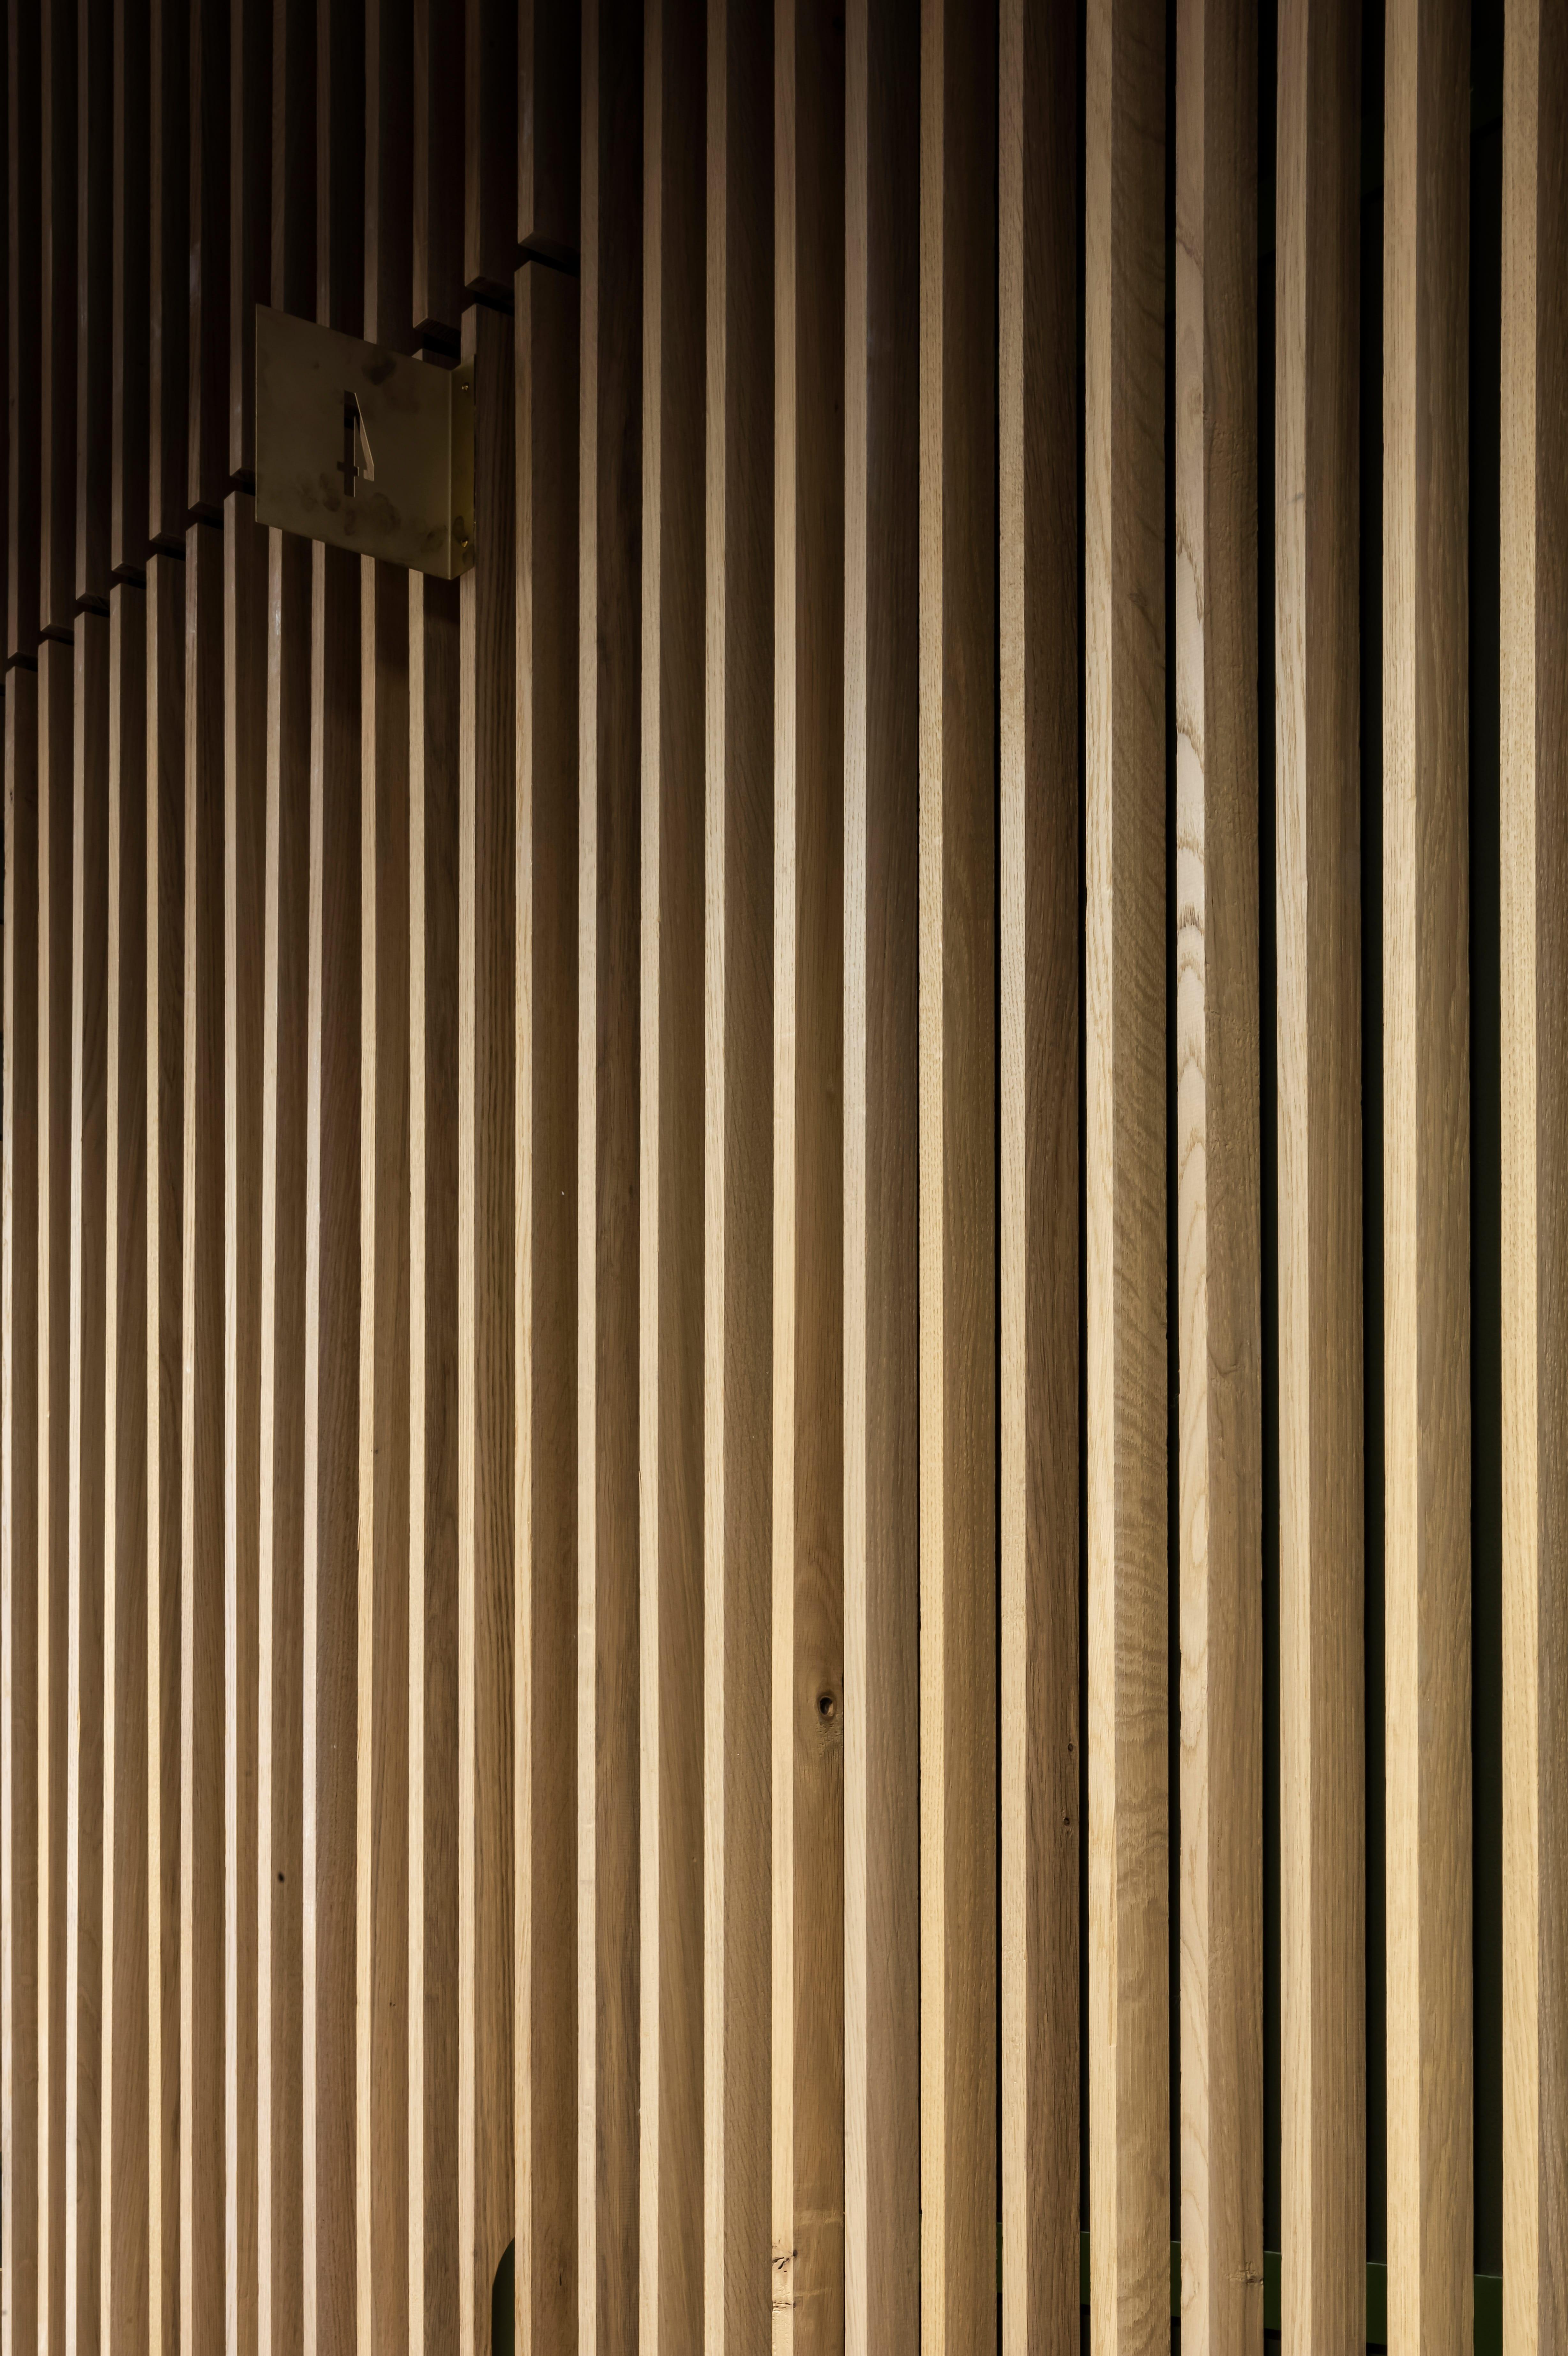 <p>Foto: Koen van Damme</p>